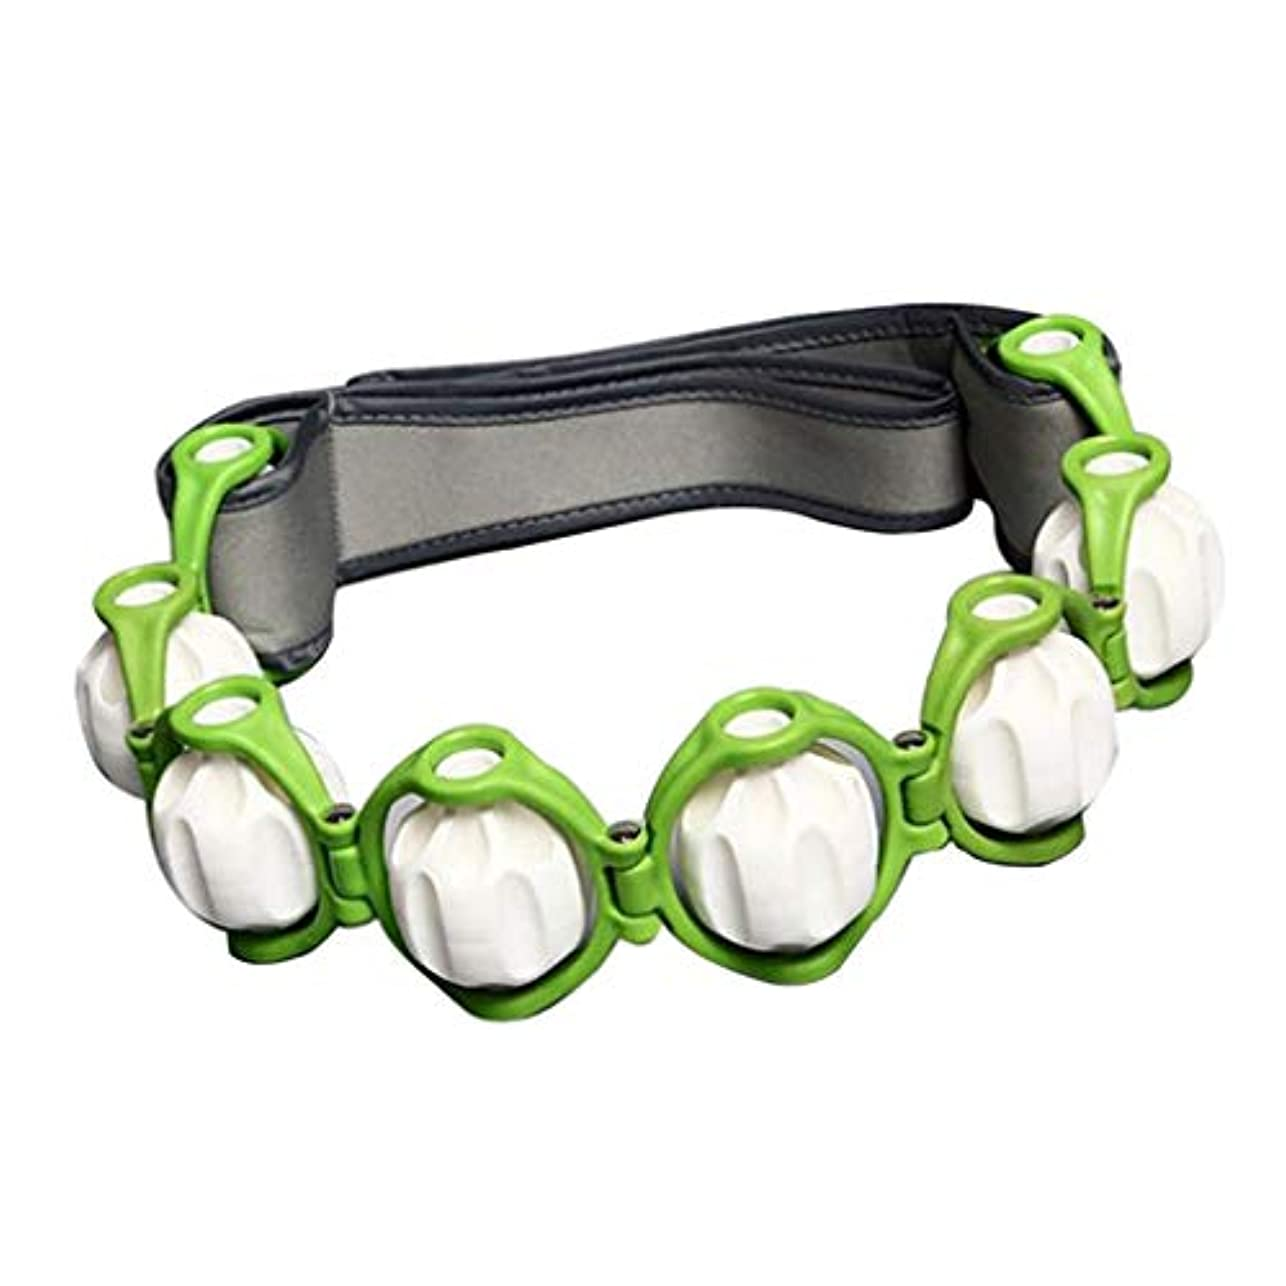 潜水艦調査歯科のトリガーポイントノードローリングボール付きハンドヘルドフルボディマッサージローラーロープ - 緑, 説明したように